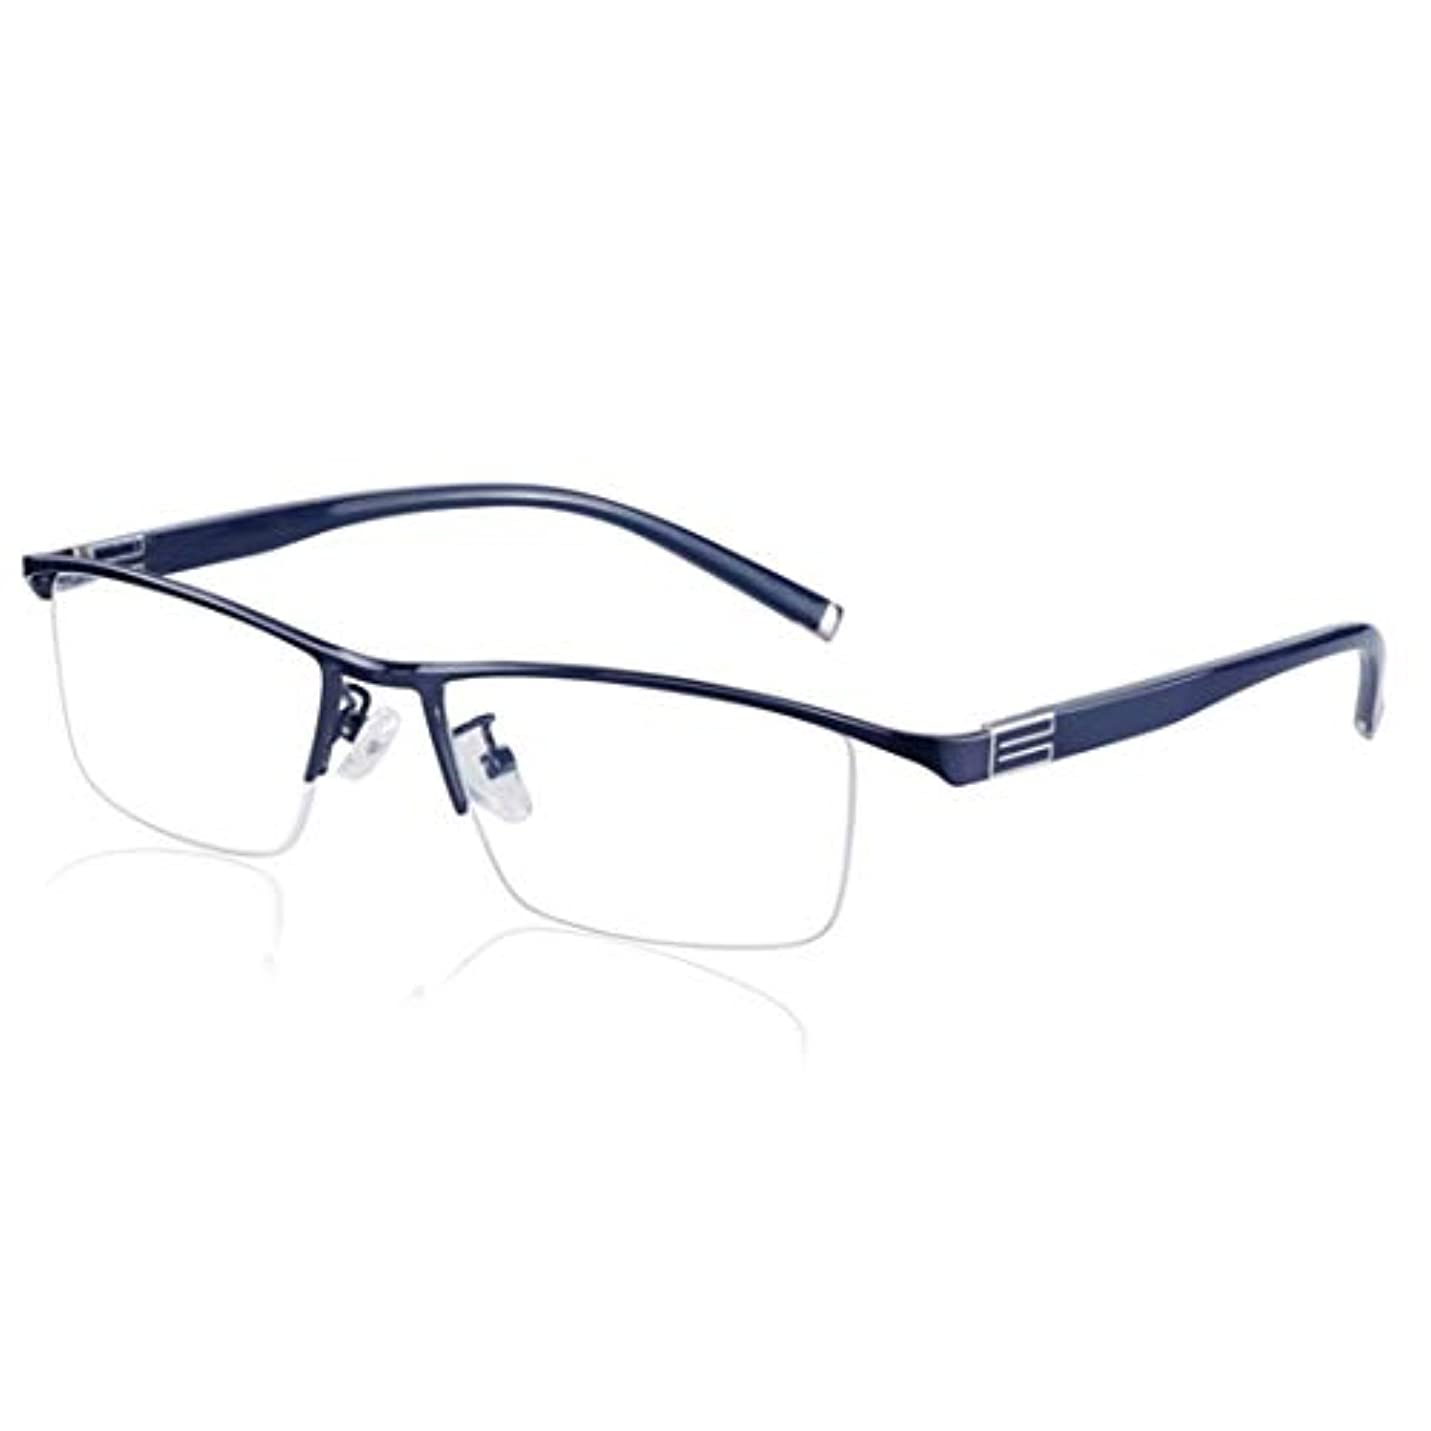 明日工業化する導体老眼鏡、 お洒落 の シニアグラス、プログレッシブマルチフォーカス、クリスタルクリアビジョン、非球面 変色サン読者